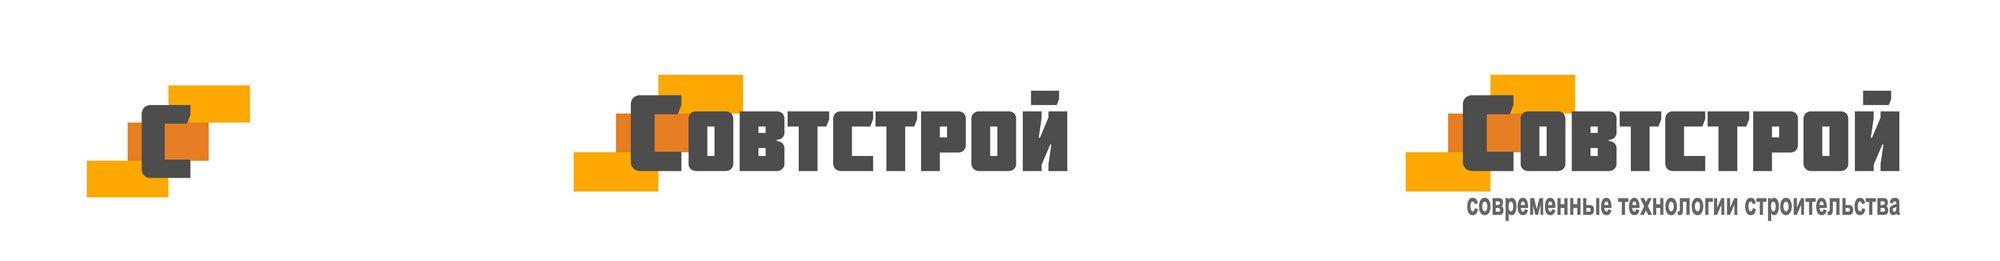 Логотип для поставщика строительных материалов - дизайнер Alfred574